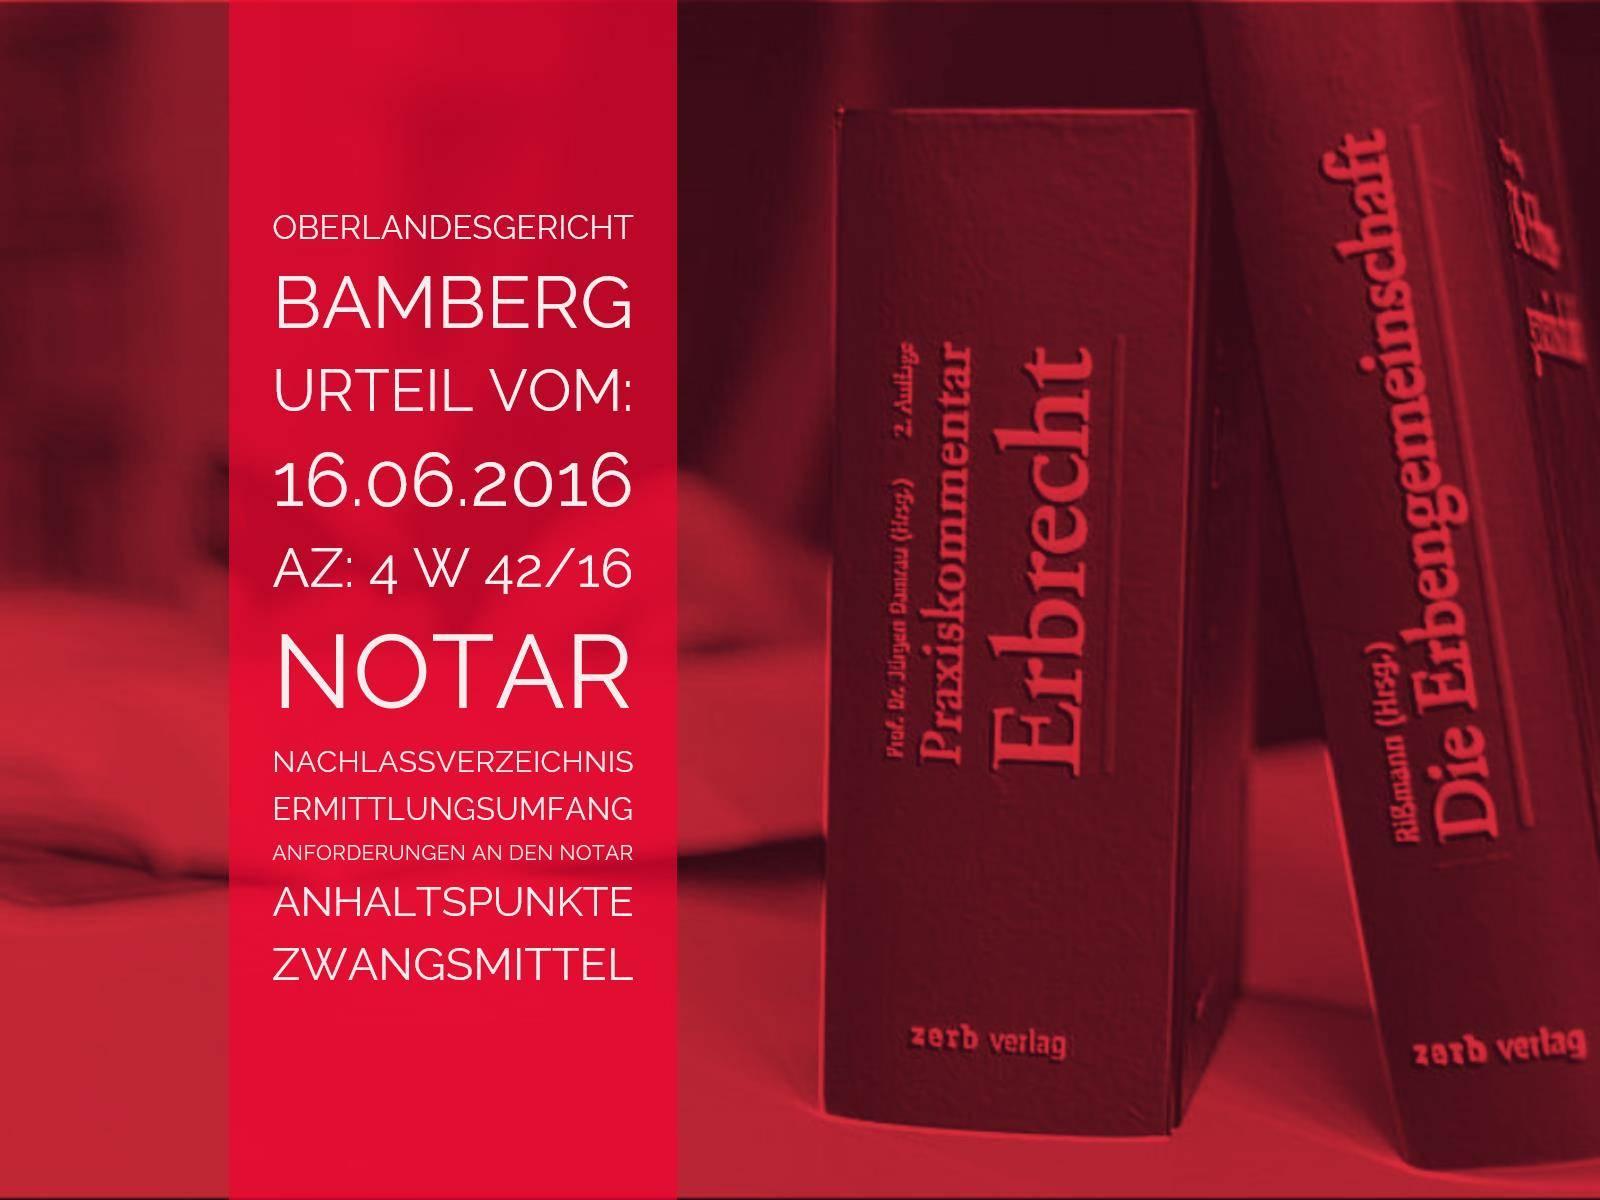 OLG-Bamberg: Urteil vom 16.06.2016 - Az: 4 W 42/16 | Art und Umfang der Ermittlungspflichten des Notars bei Erstellung eines notariellen Nachlassverzeichnisses | Anwalt Erbrecht Köln - Kanzlei Detlev Balg (c)